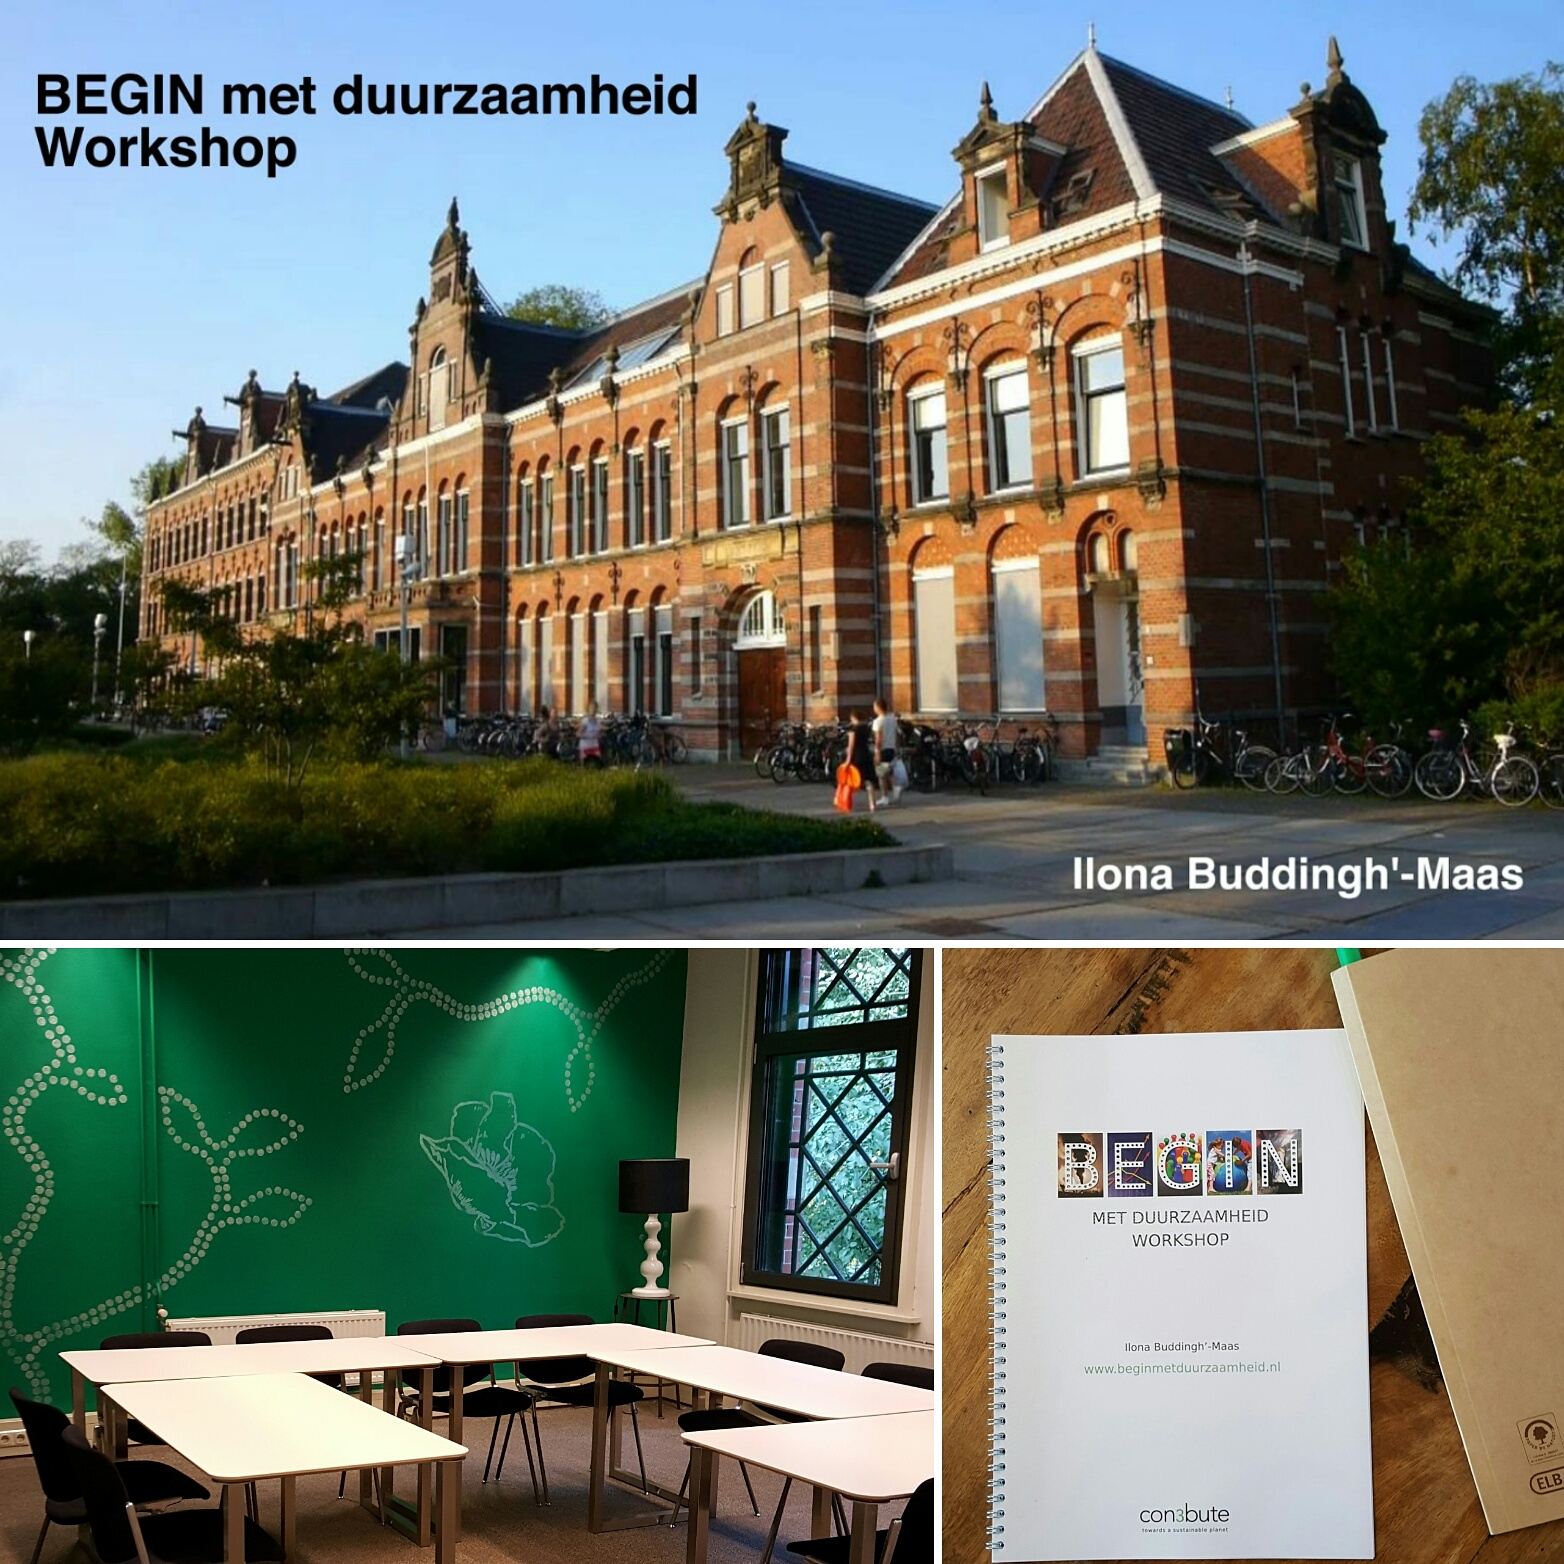 foto BEGIN met Duurzaamheid workshop, ruimte 'Een' Pand 020